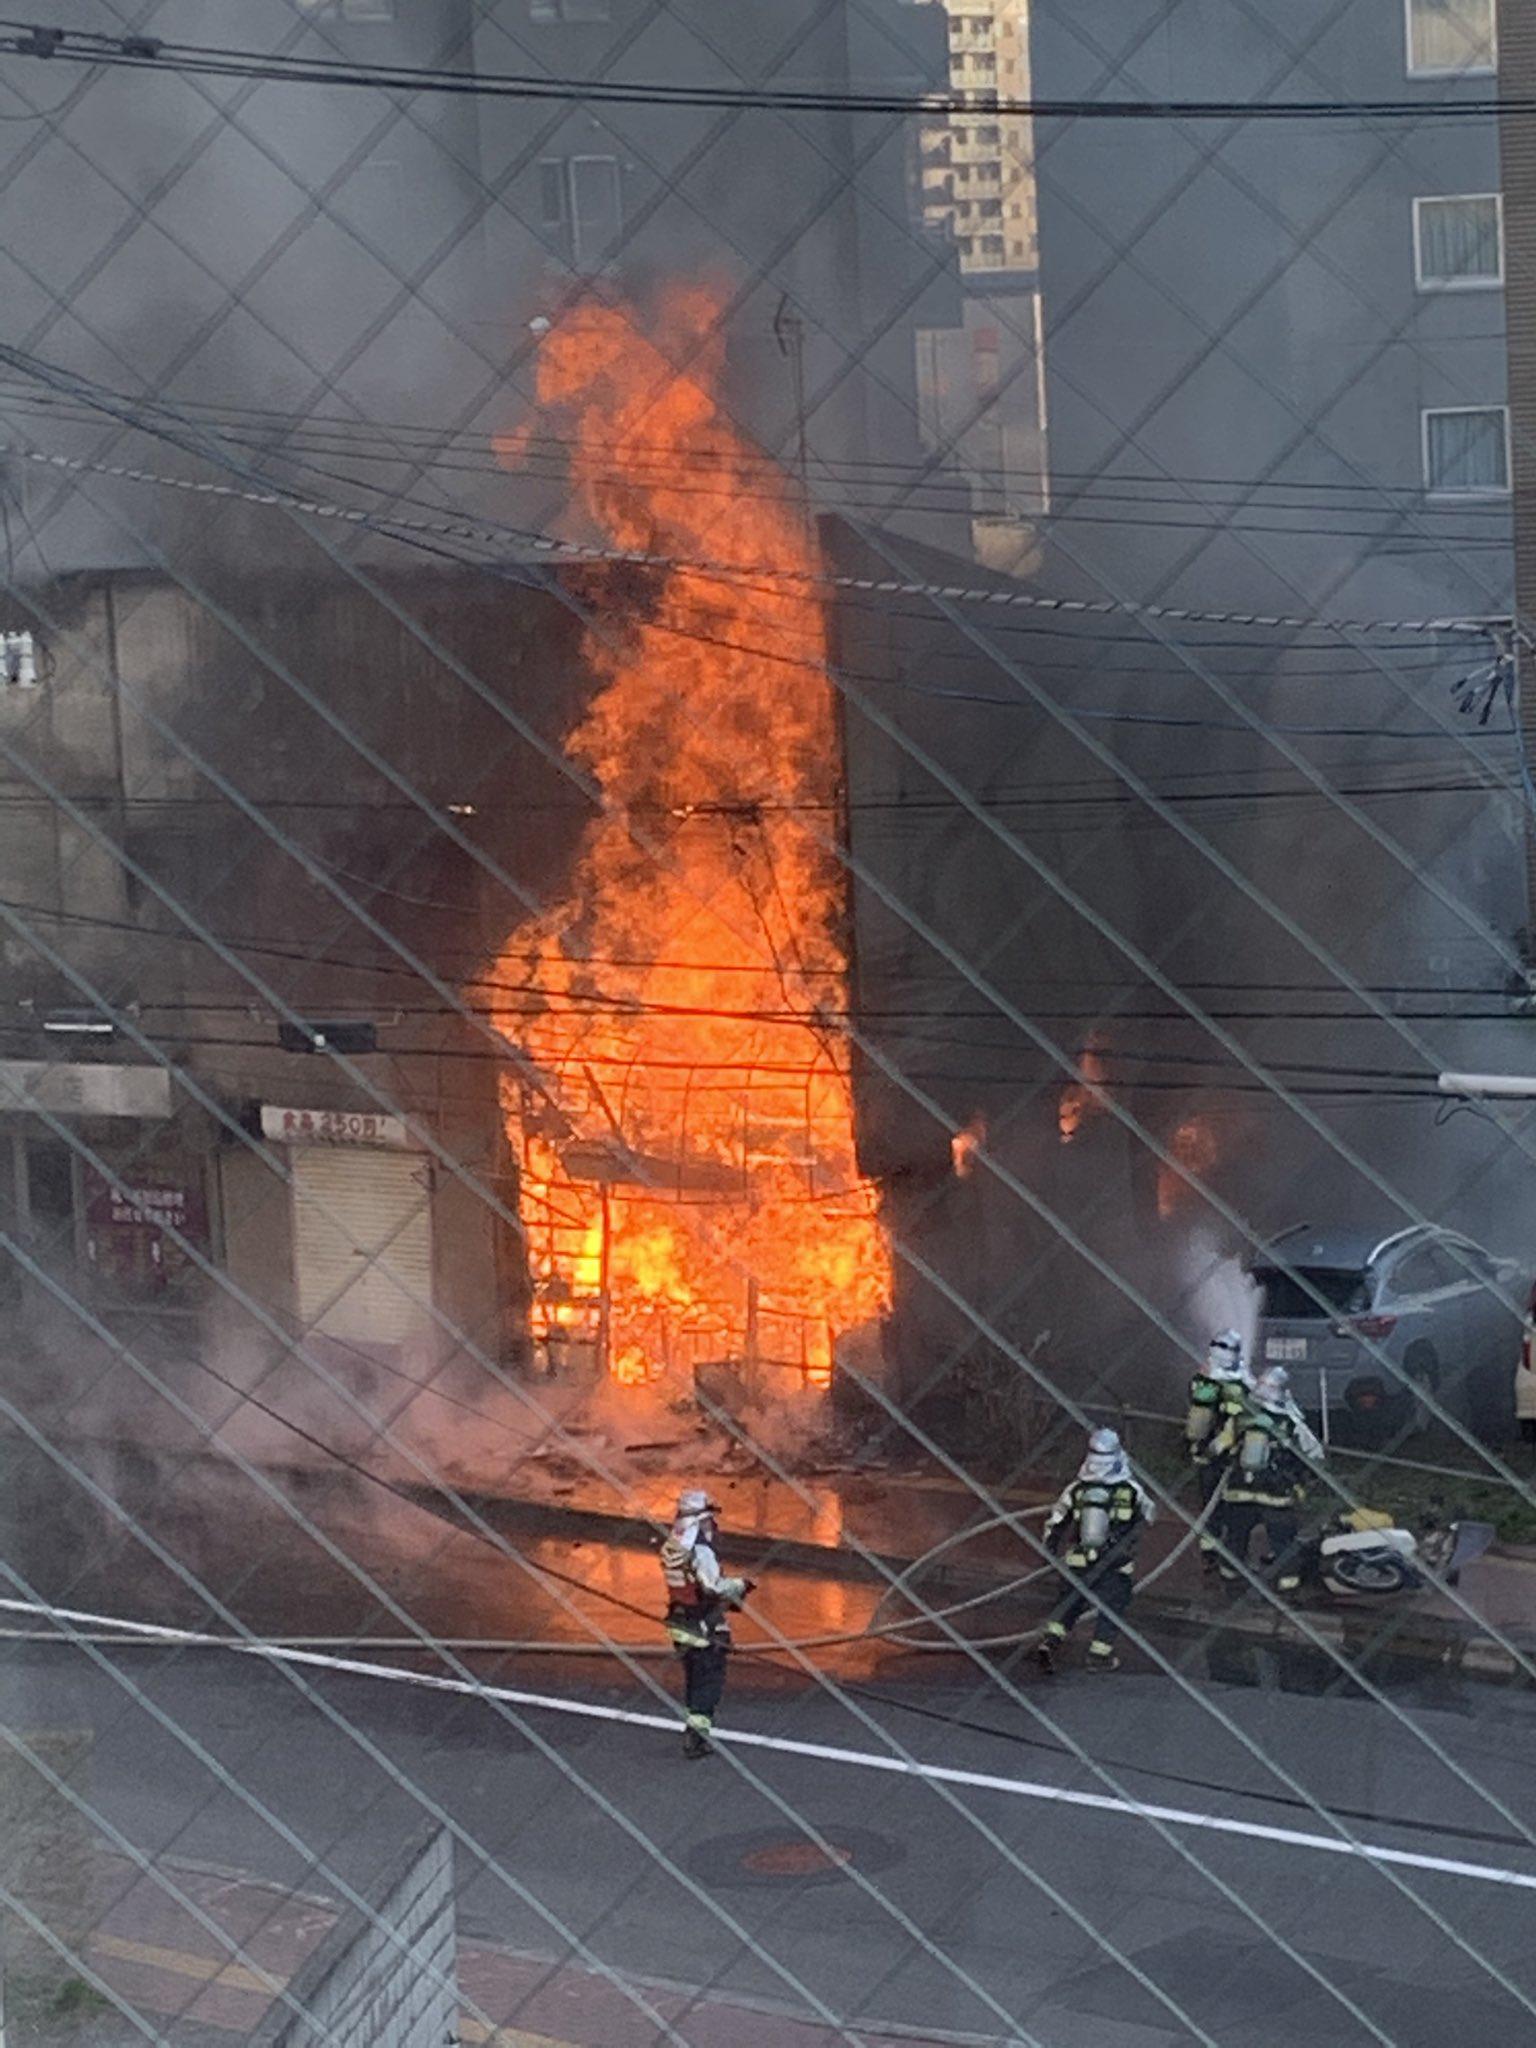 札幌市厚別区のラーメンの福八で火事の現場の画像